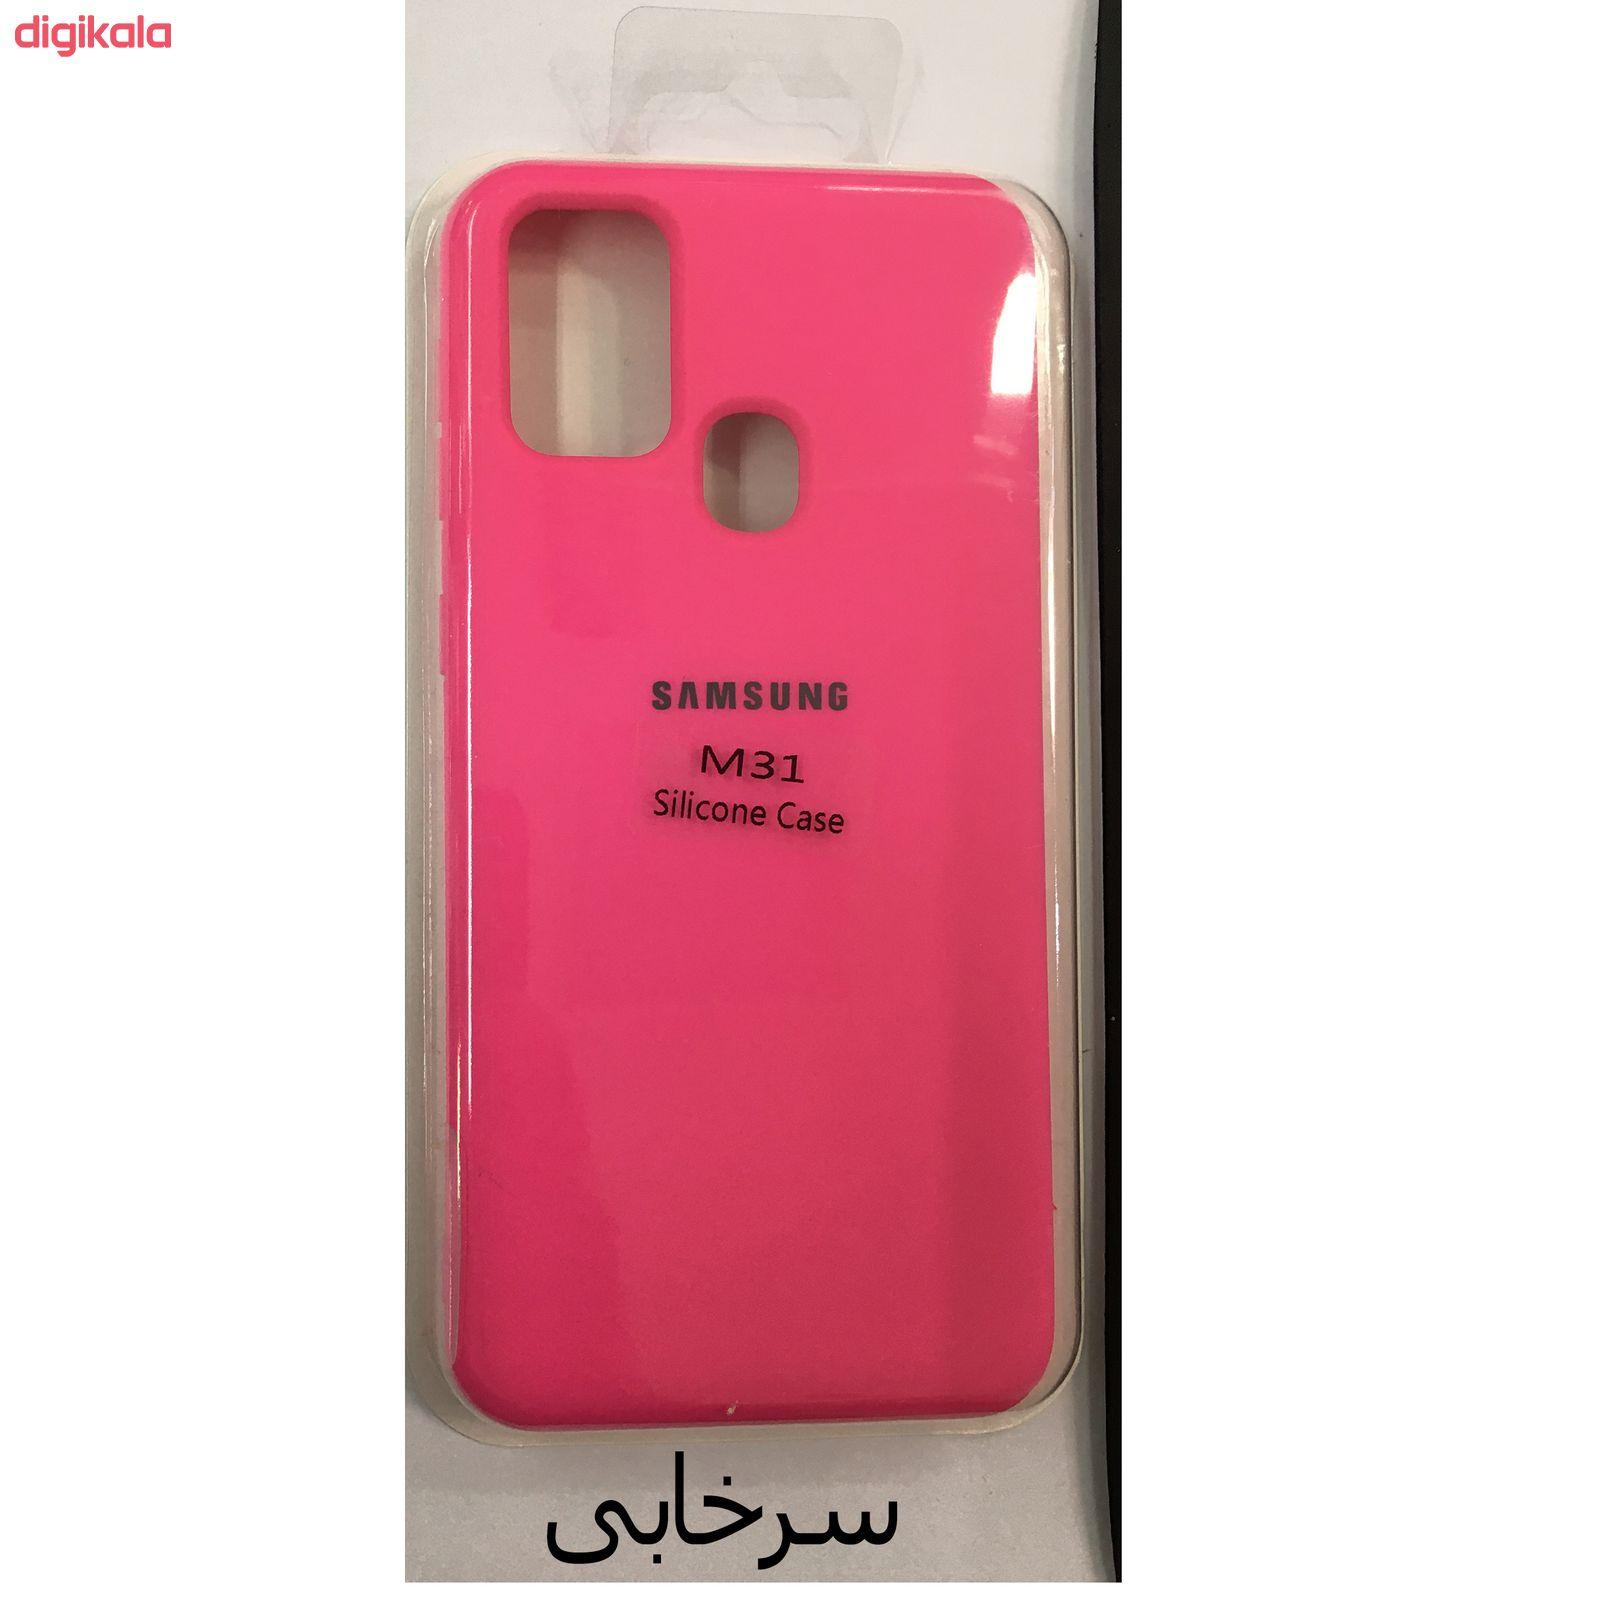 کاور مدل SIL-0031 مناسب برای گوشی موبایل سامسونگ Galaxy M31 main 1 1